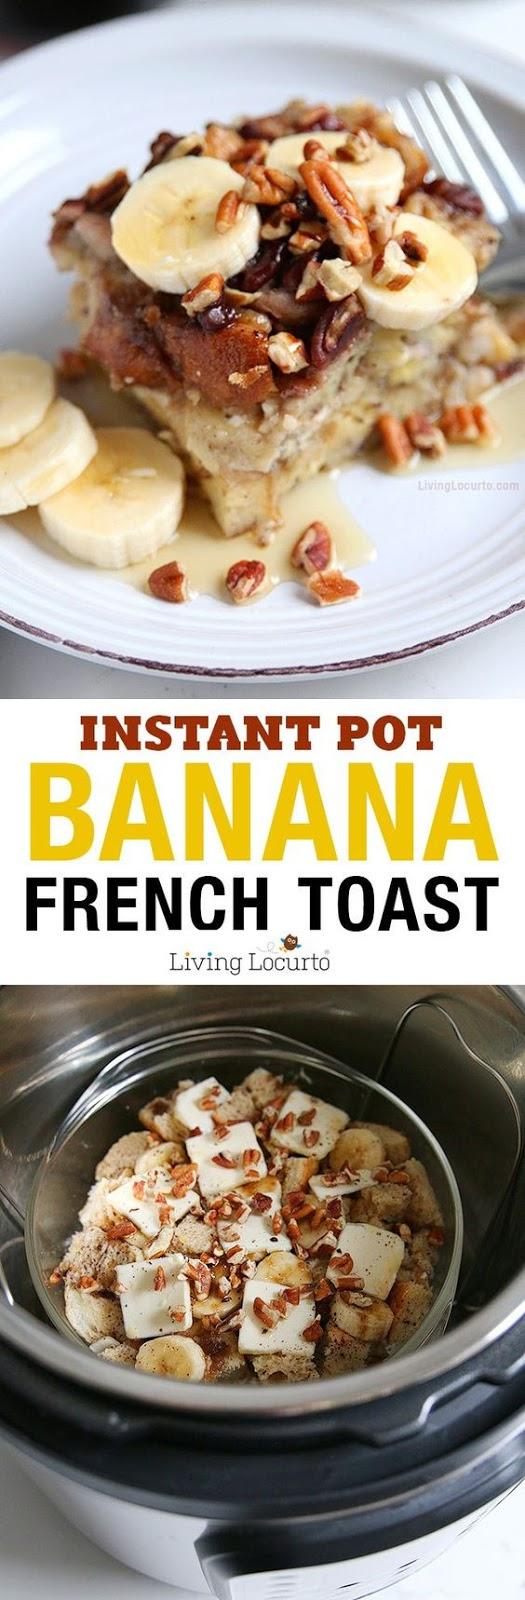 Banana French Toast Instant Pot Recipe